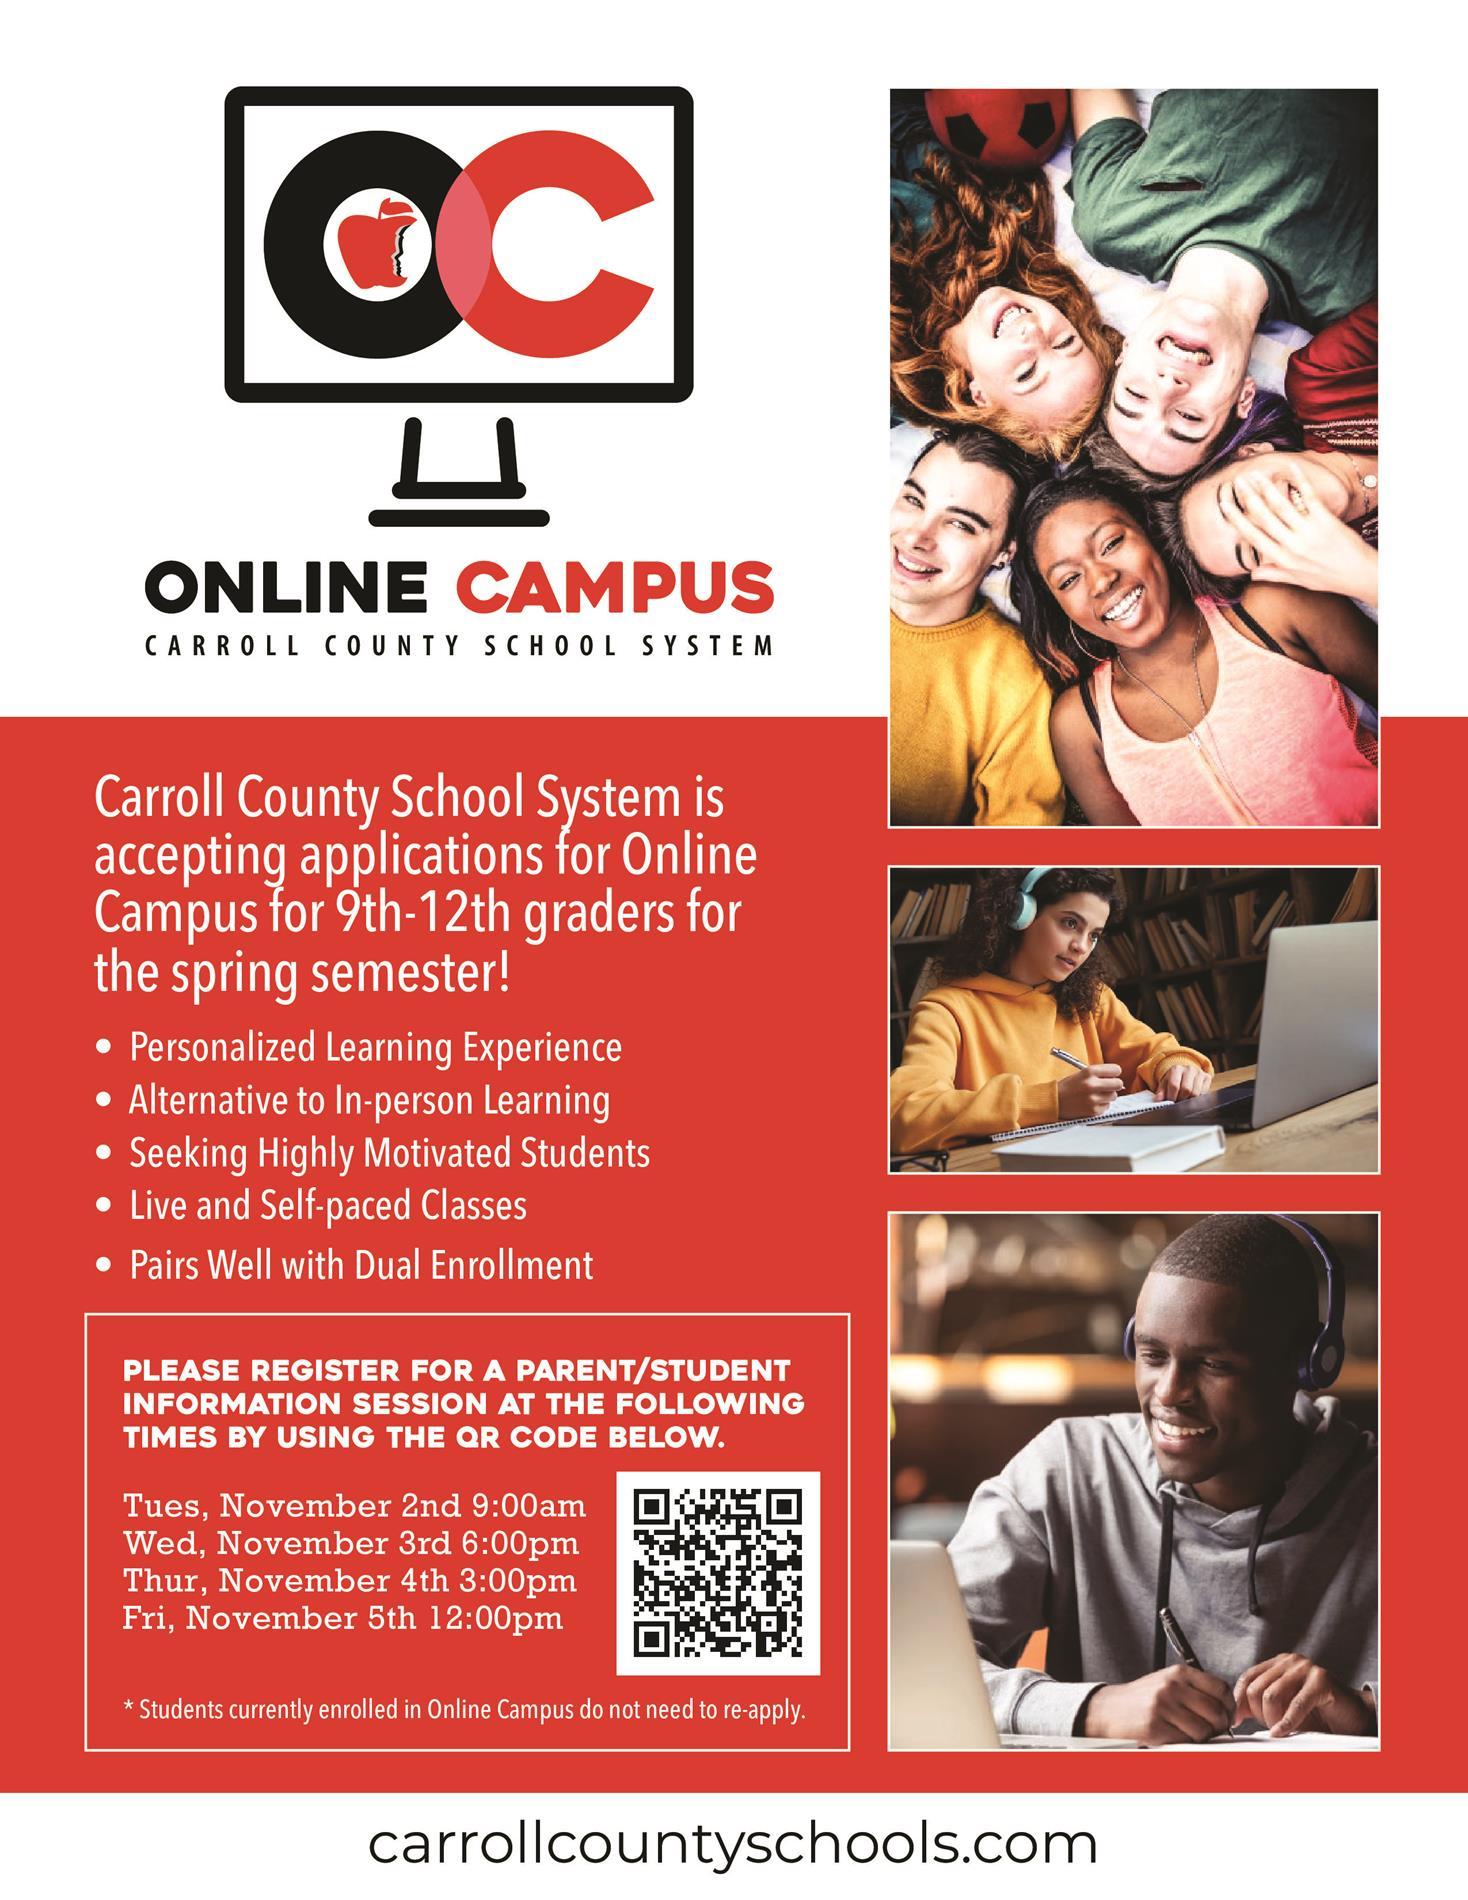 Online Campus Flyer